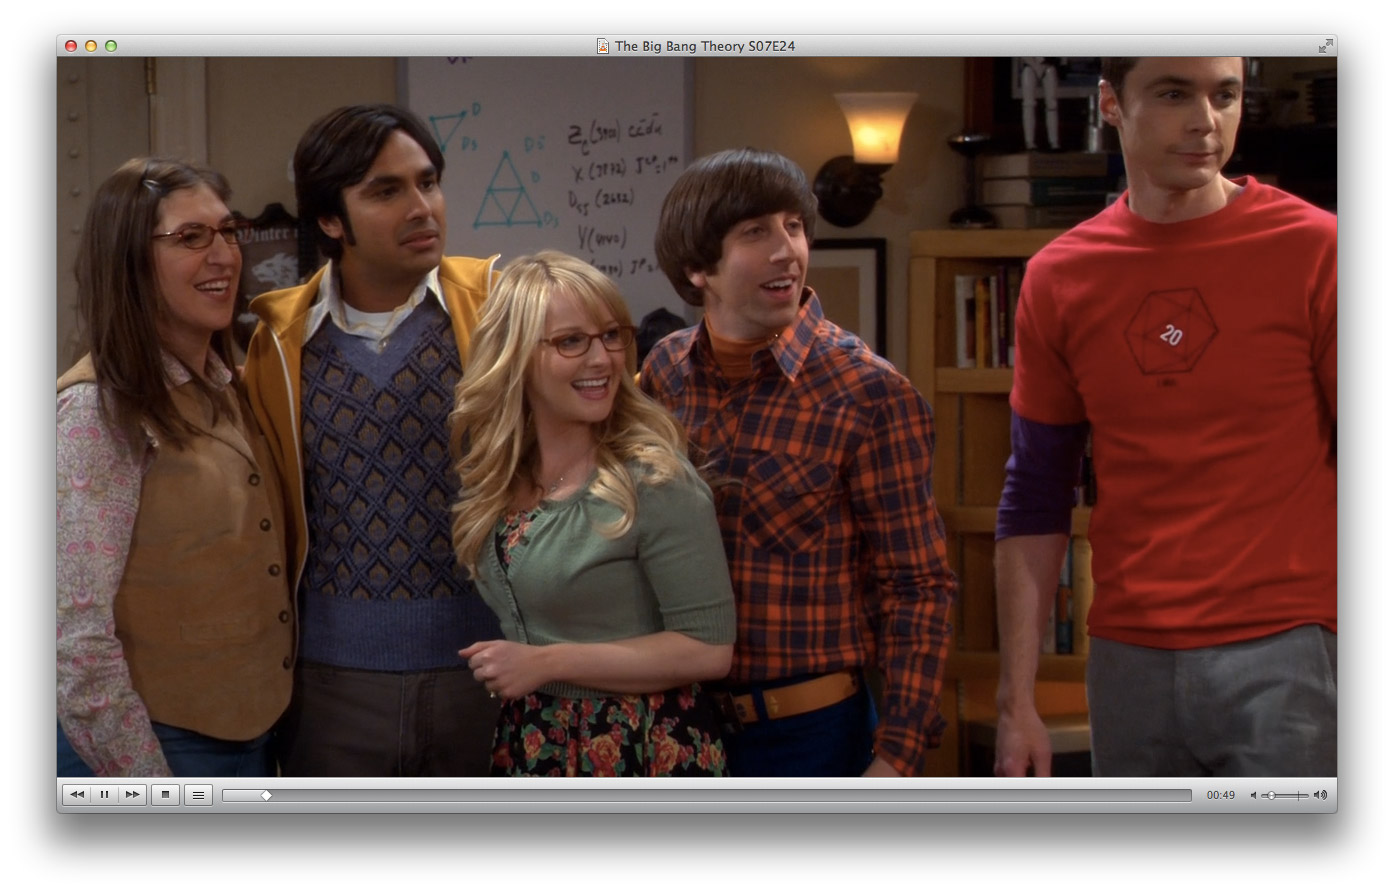 VLC - The Big Bang Theory